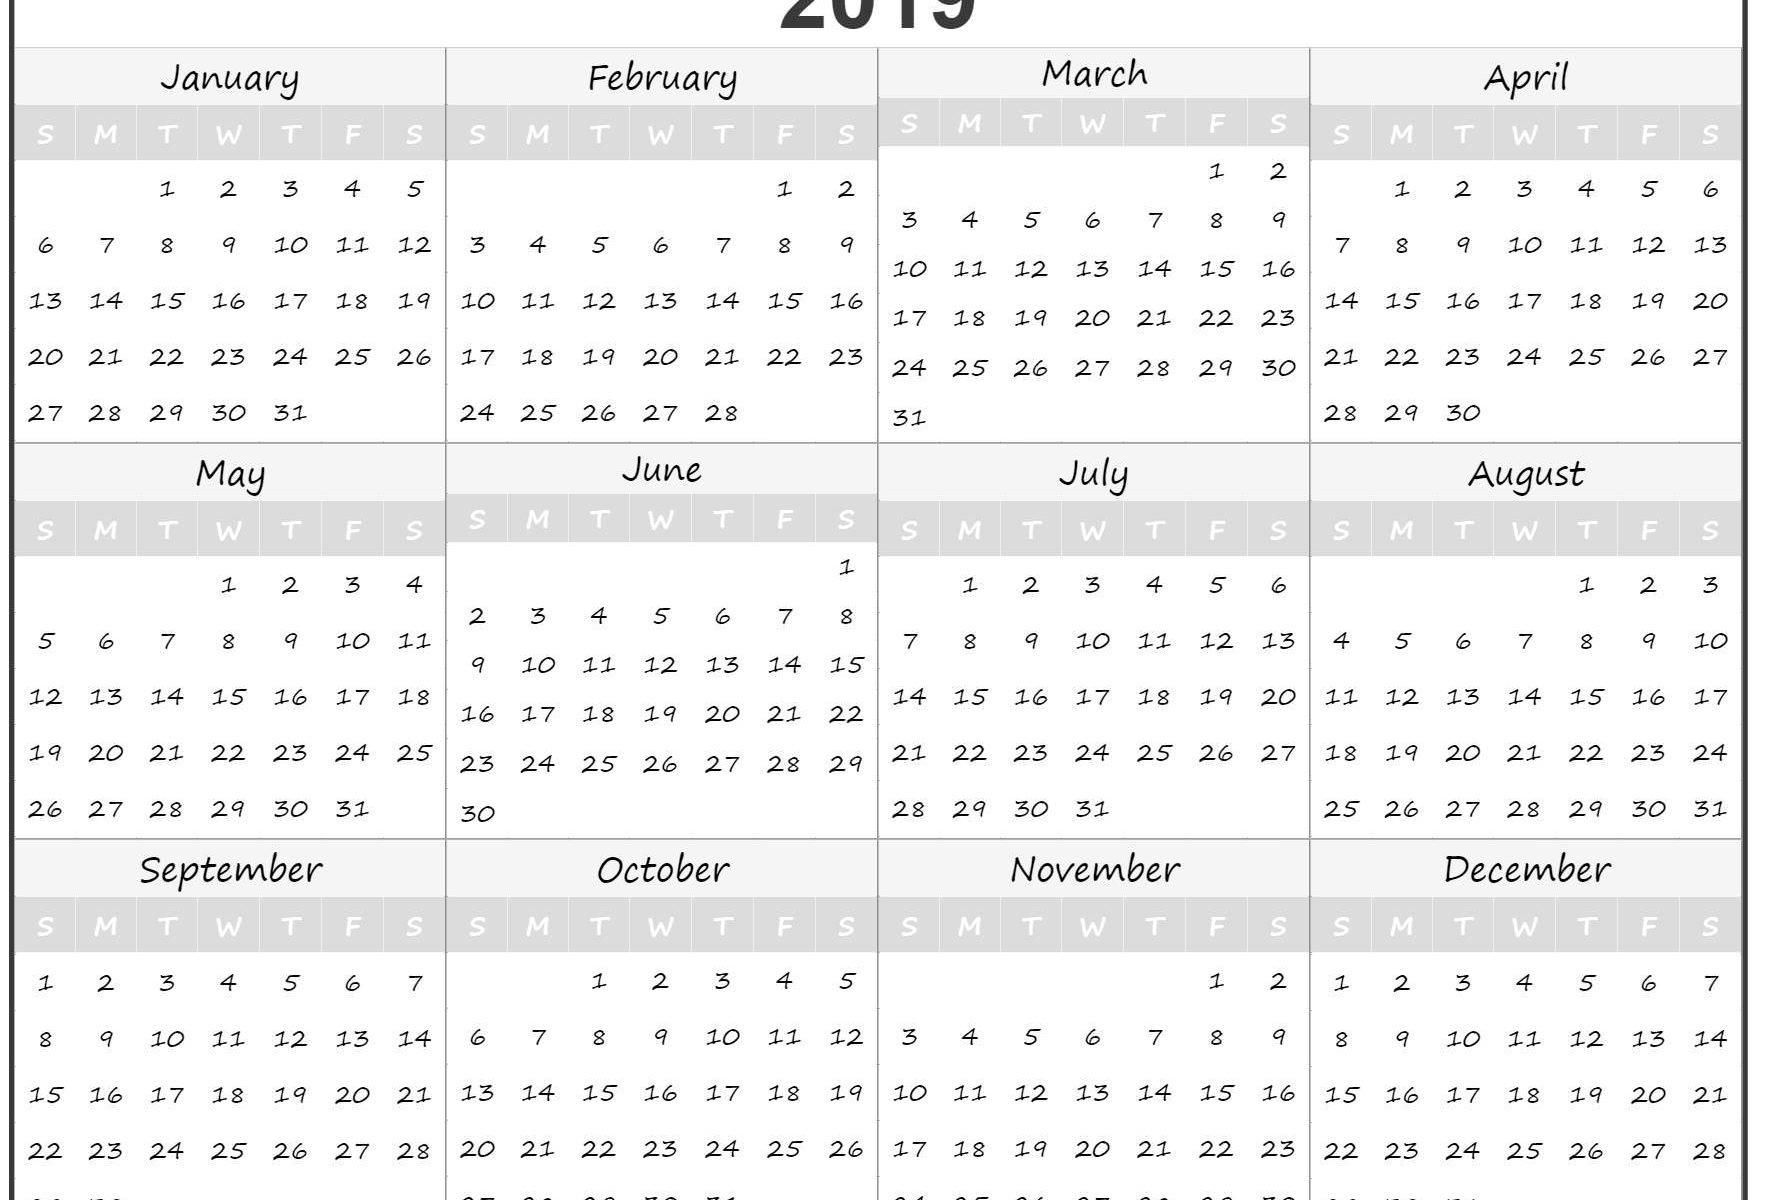 Small Yearly Calendar 2019 Printable | Printable Paper Sheets Calendar 2019 Small Printable